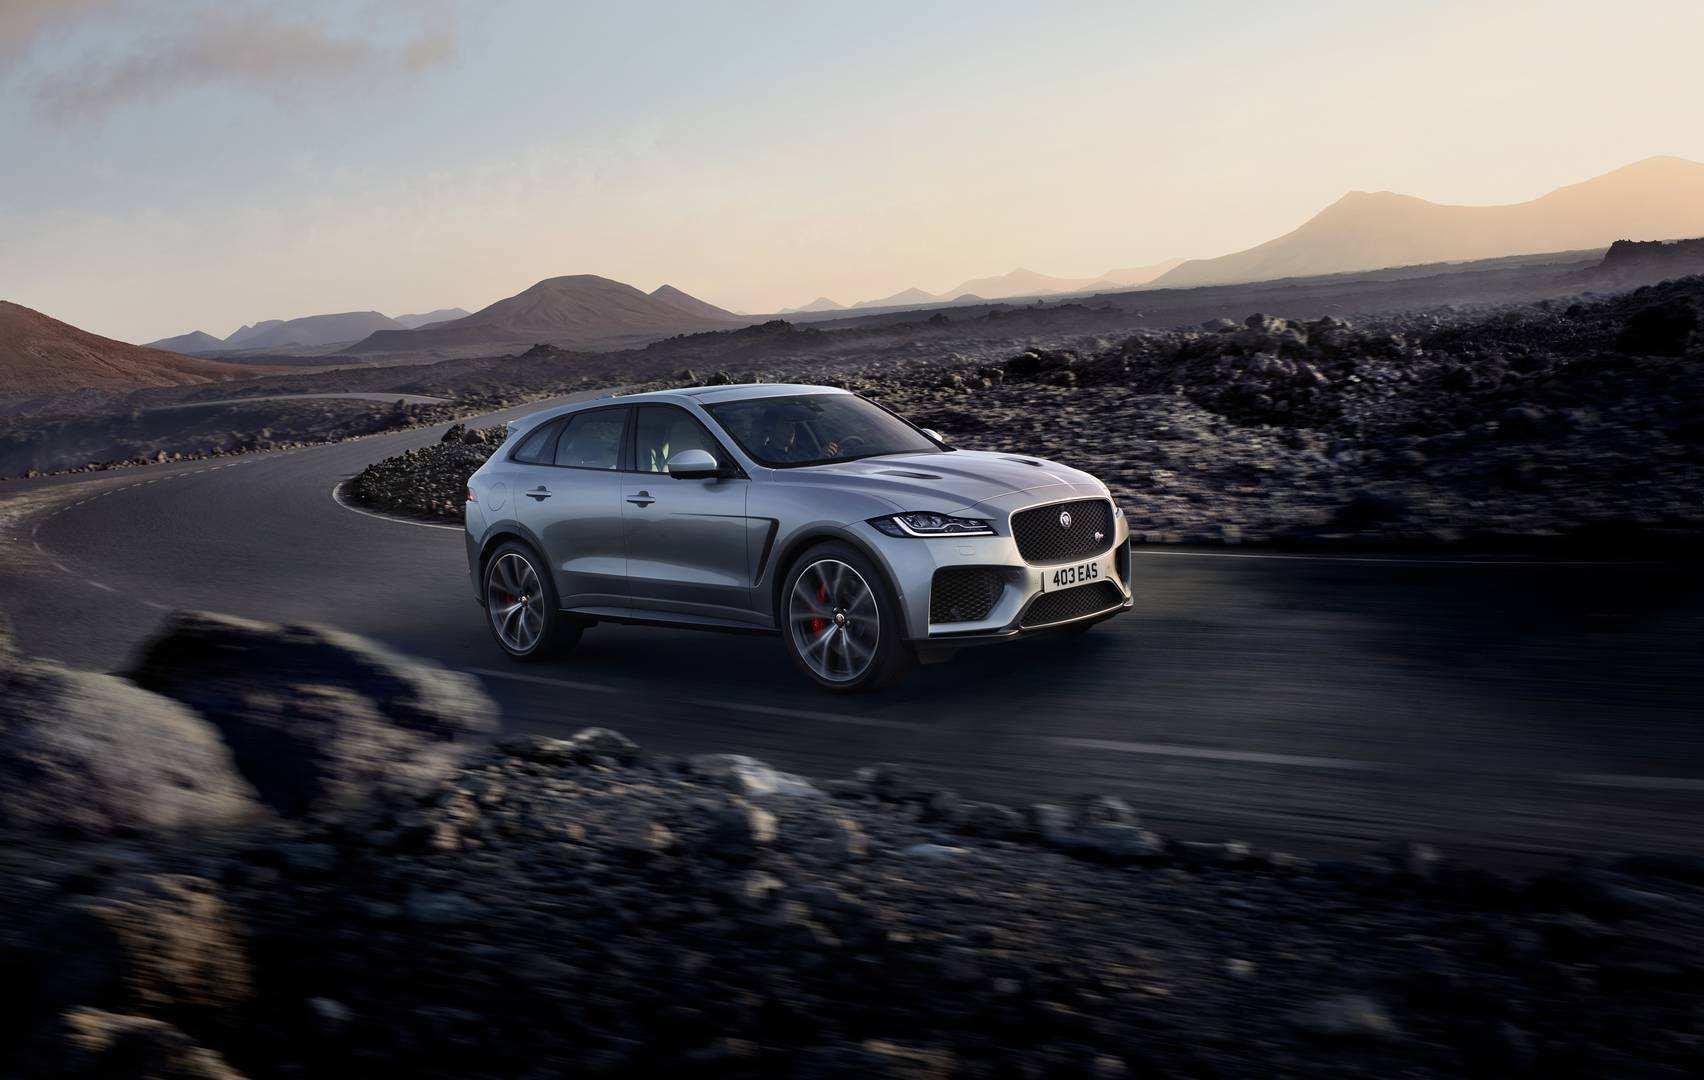 20 New 2019 Jaguar F Pace Svr Prices by 2019 Jaguar F Pace Svr